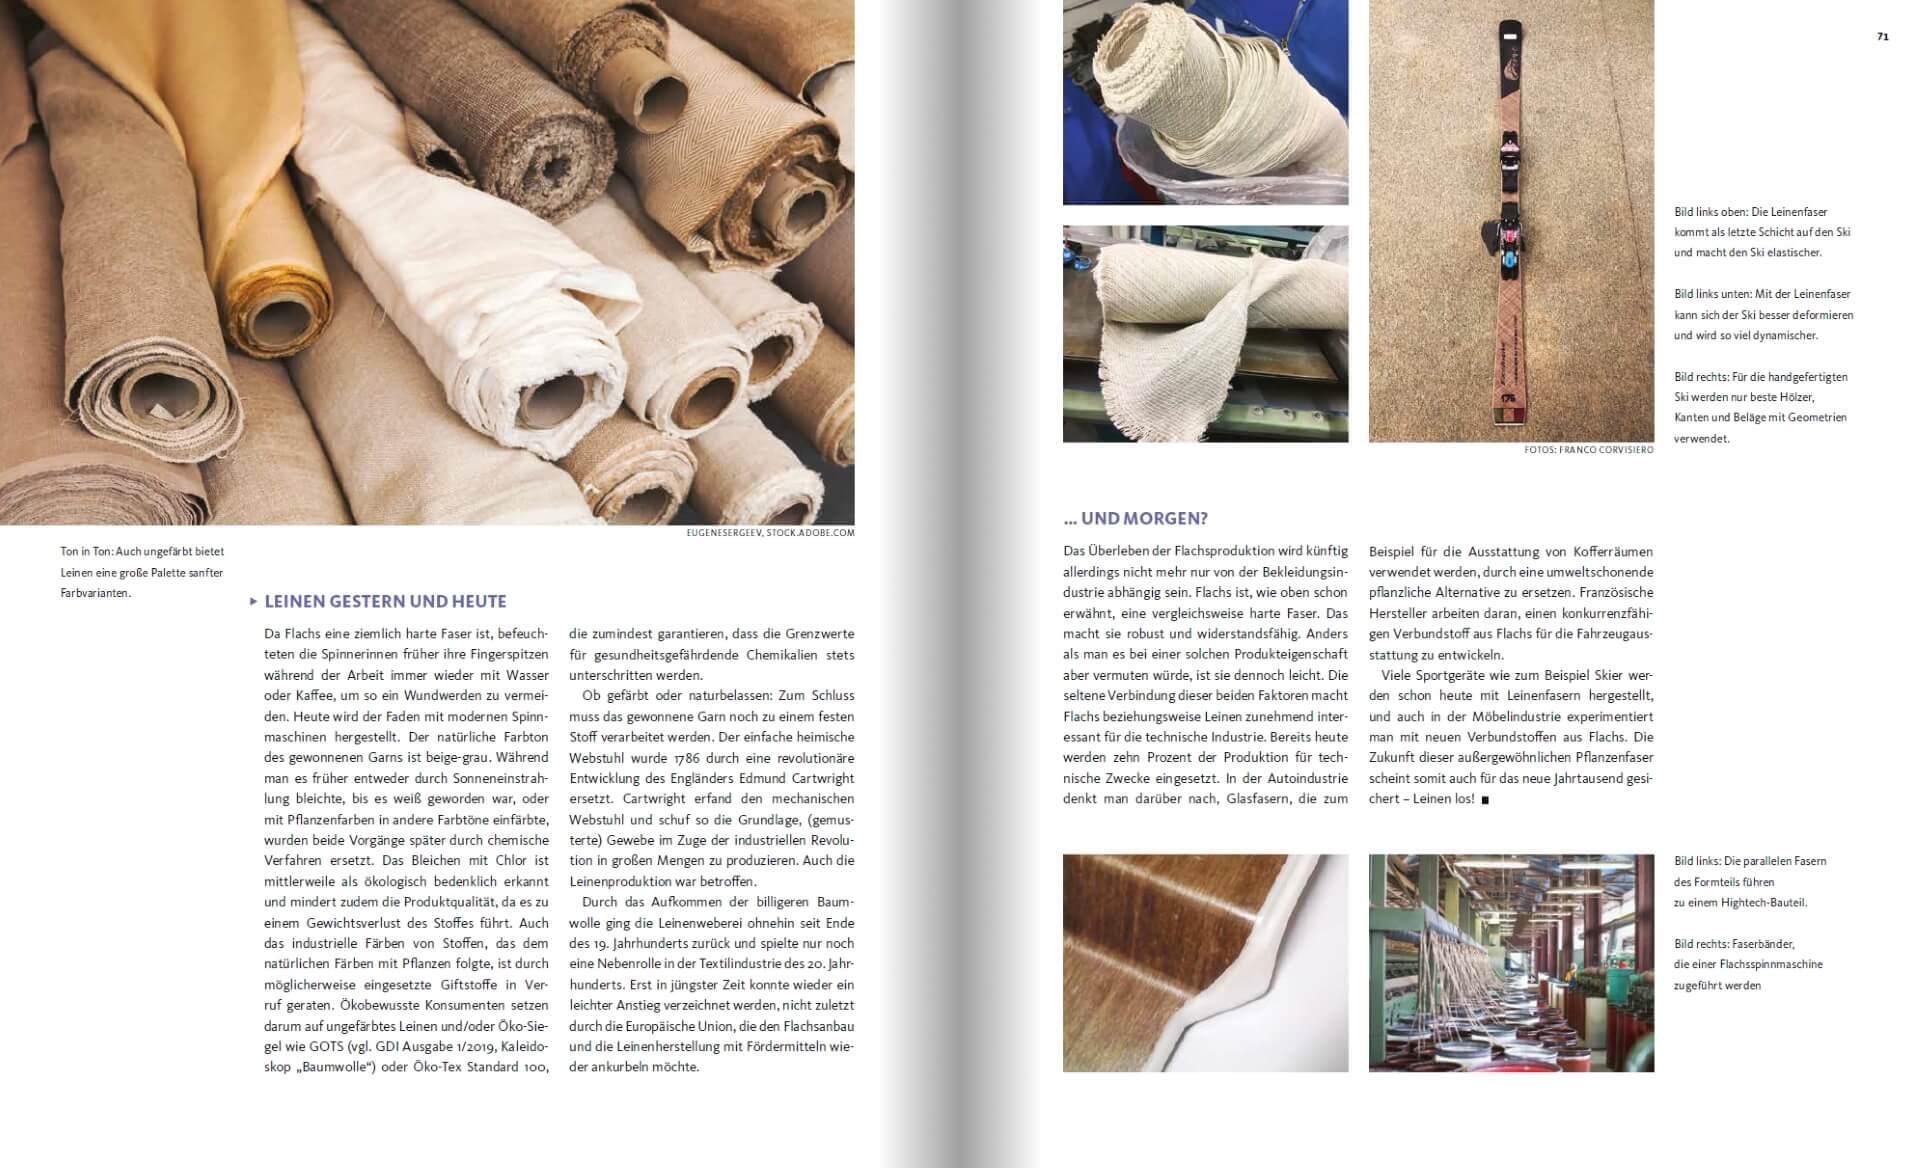 GARTENDESIGN INSPIRATION Ausgabe 2/2019: Pflanzenfasern - Stoffe aus Leinen